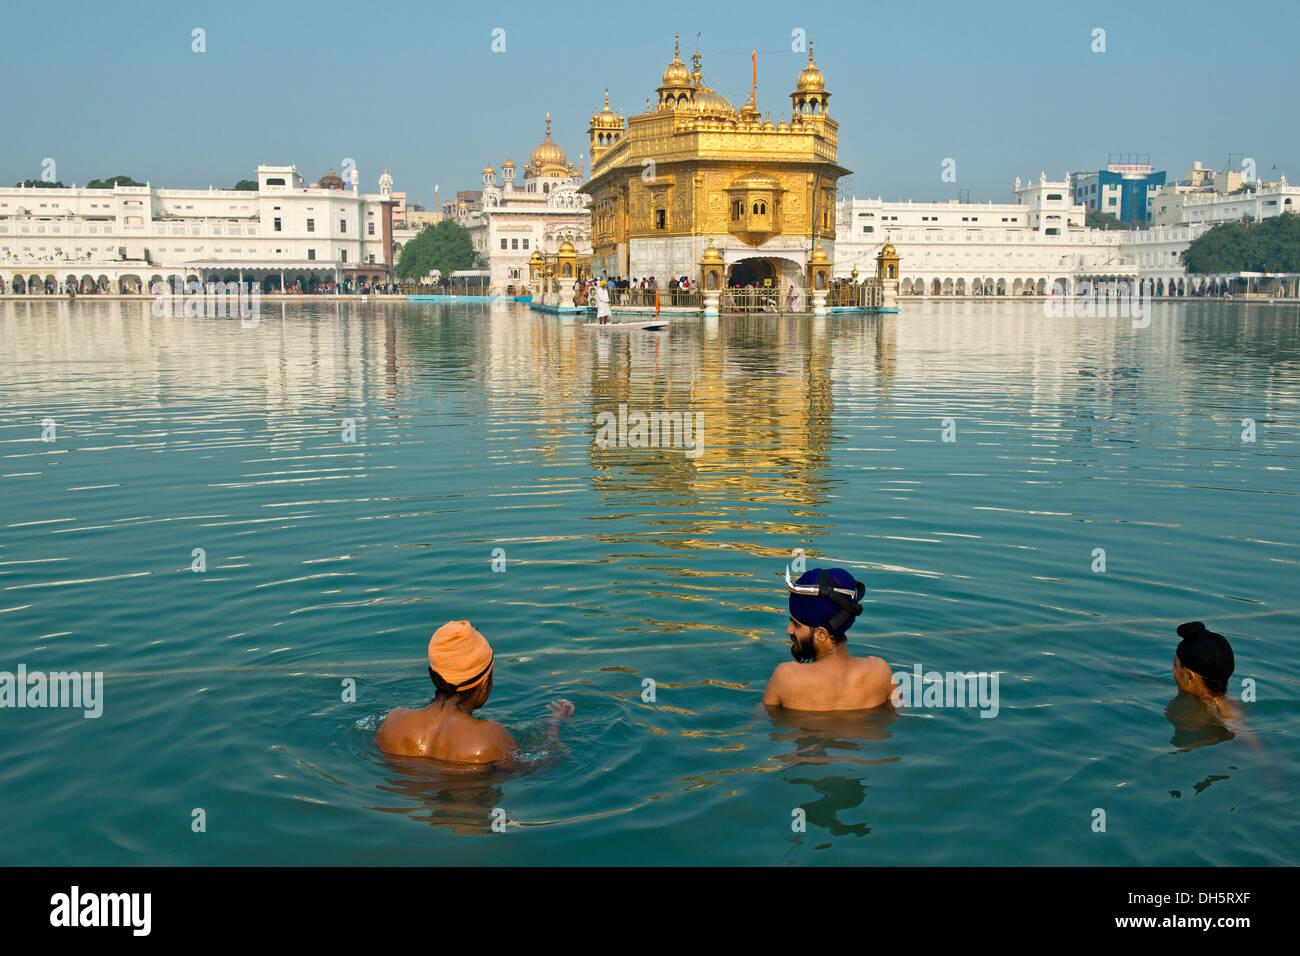 Tempio d'oro, Hari Mandir, il principale santuario della religione sikh, tre pellegrini indossa turbanti di prendere un bagno rituale nel lago santo di Foto Stock